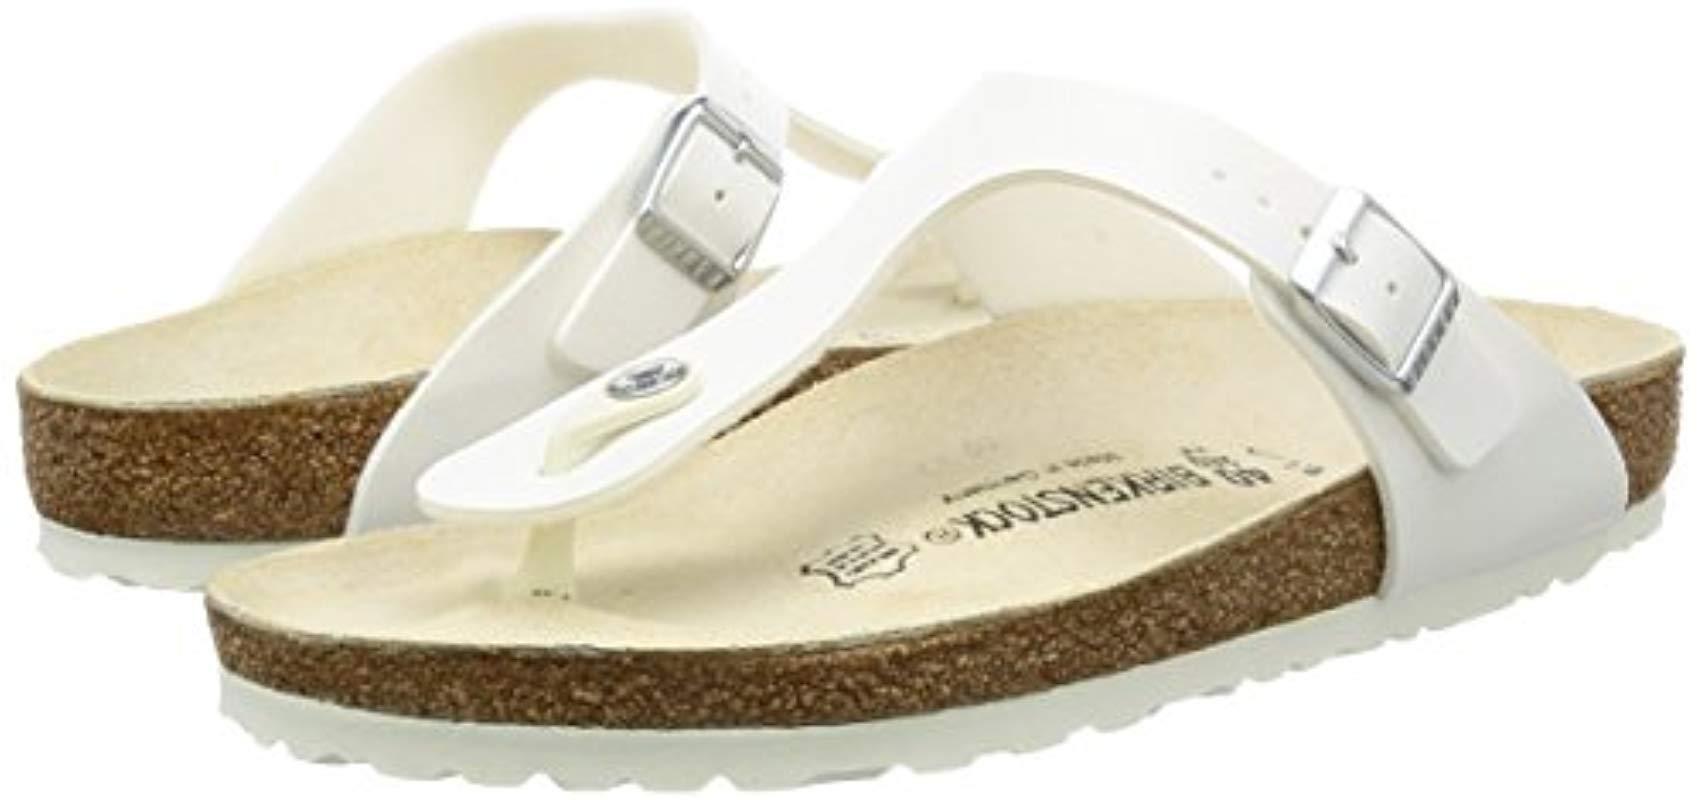 Birkenstock Leather 43731 Gizeh Style Sandal - Lyst